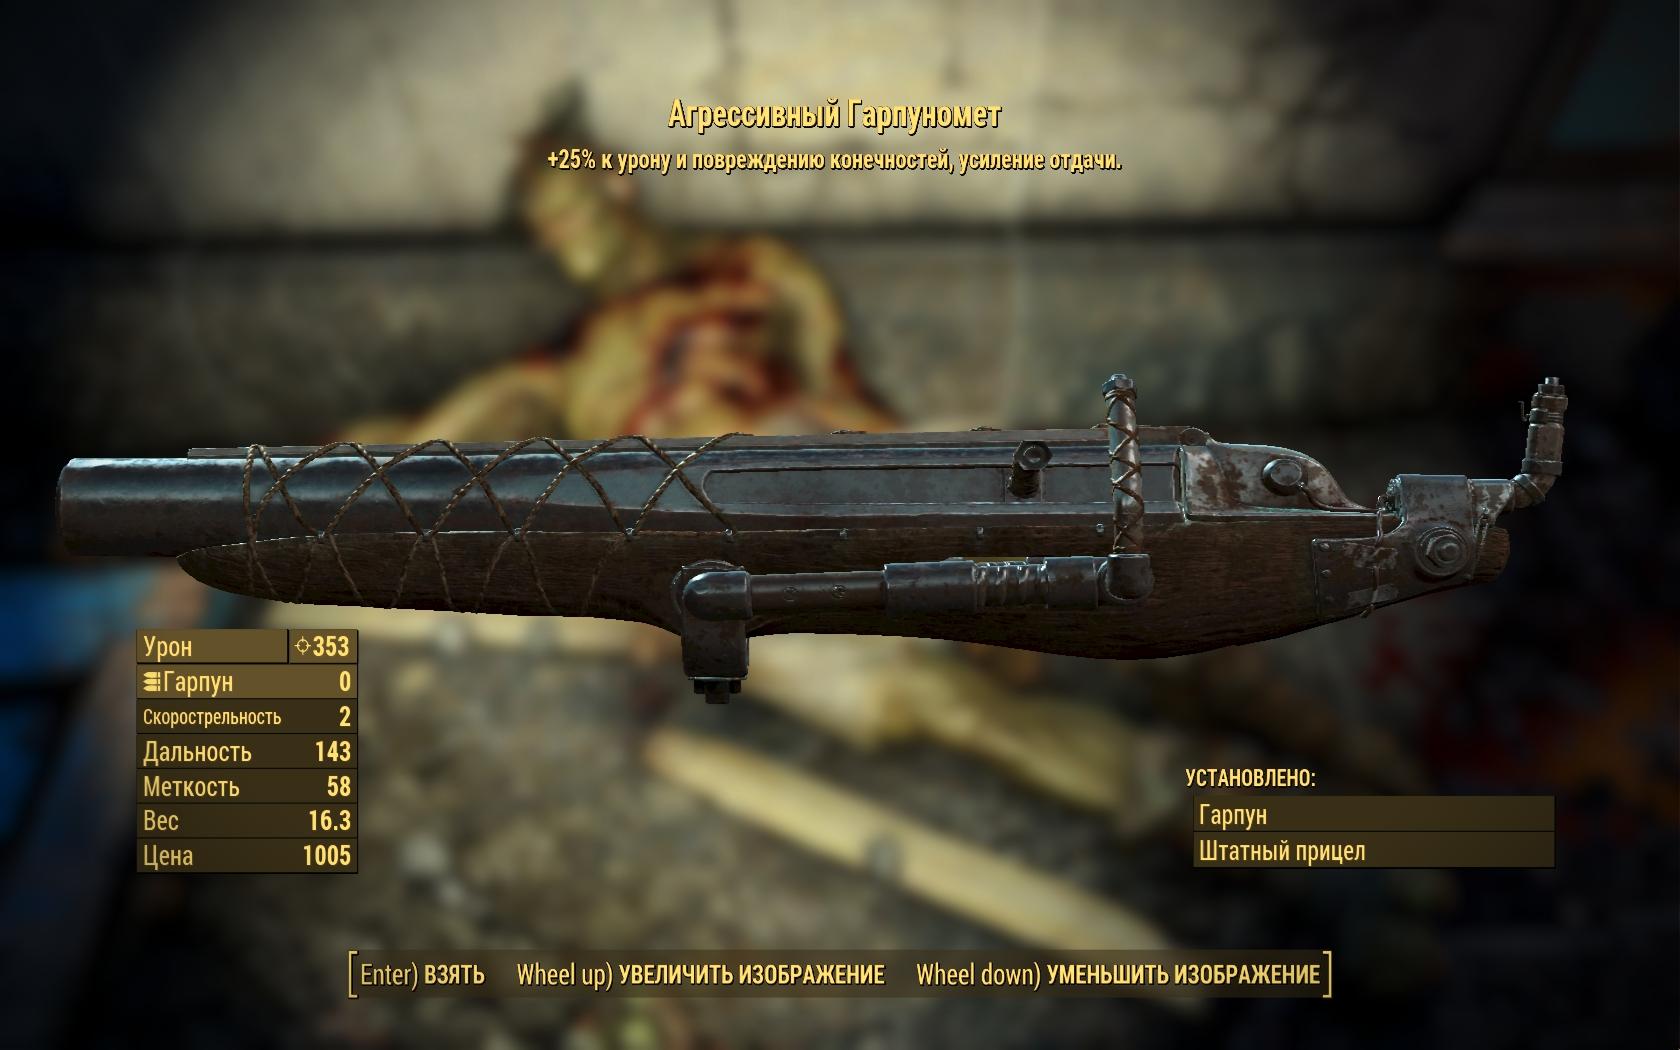 Агрессивный гарпуномёт - Fallout 4 гарпуномёт, Оружие